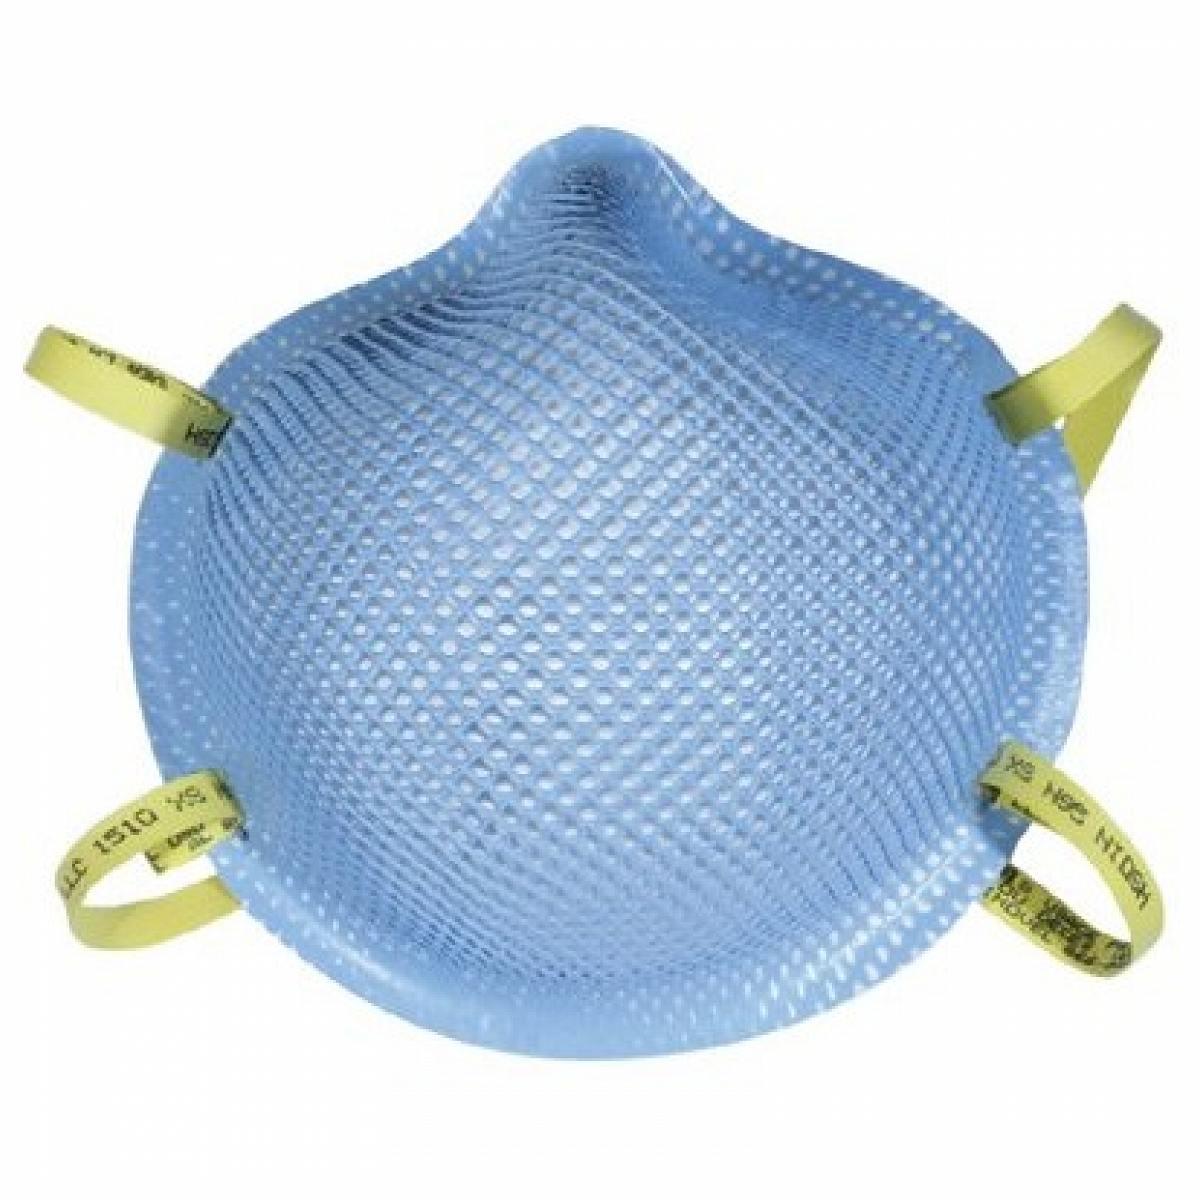 美国原装进口Moldex 1510 N95防PM2.5雾霾禽流感儿童口罩 特小号 - 安至康 - 健康之路